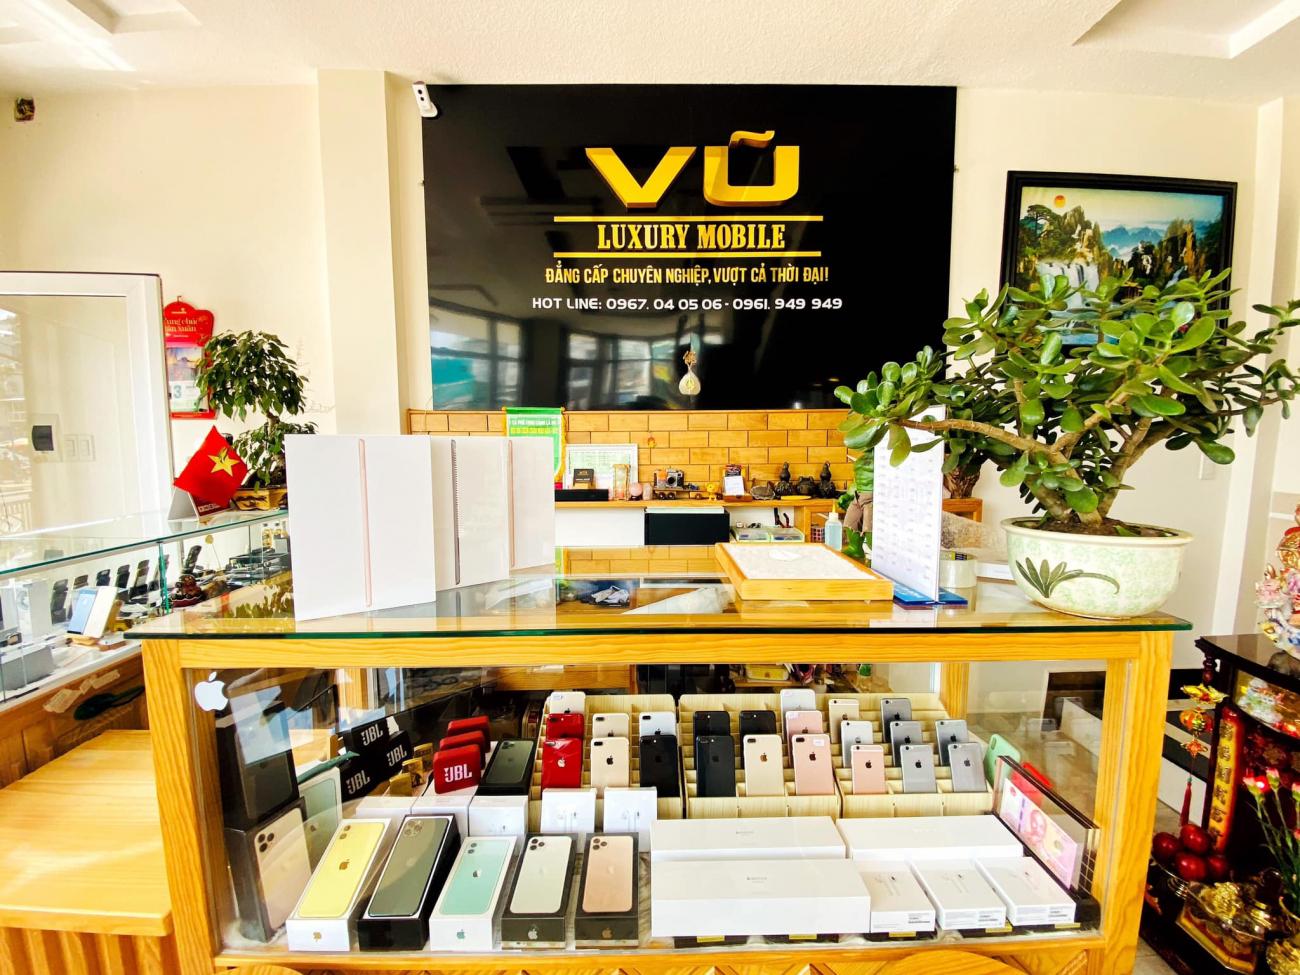 Top cửa hàng bán điện thoại uy tín chính hãng tại TP.Đà Lạt